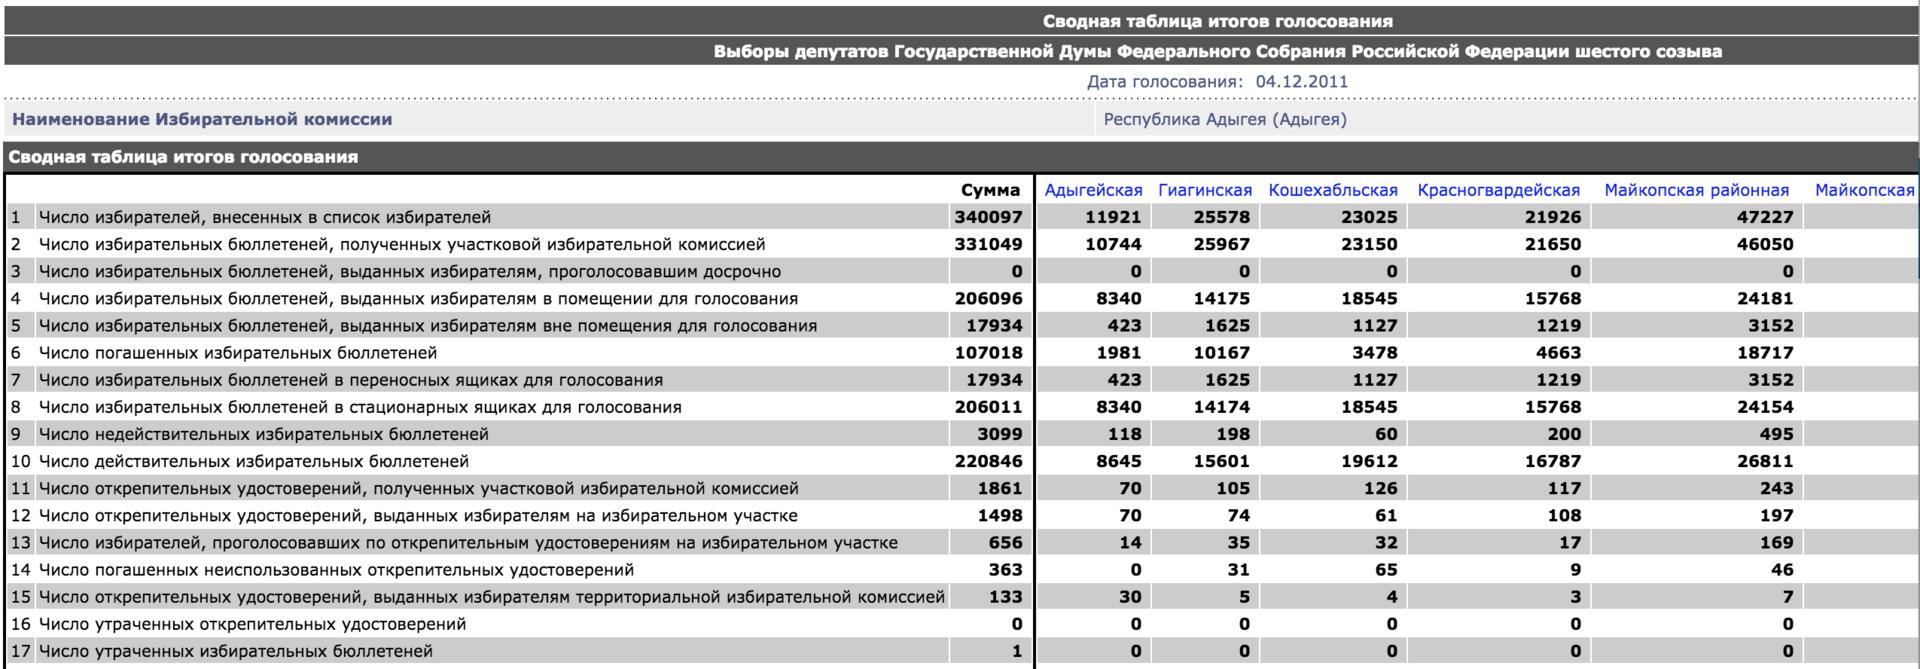 Анализ результатов выборов в Госдуму. Готовимся к голосованию 2016 года - 3